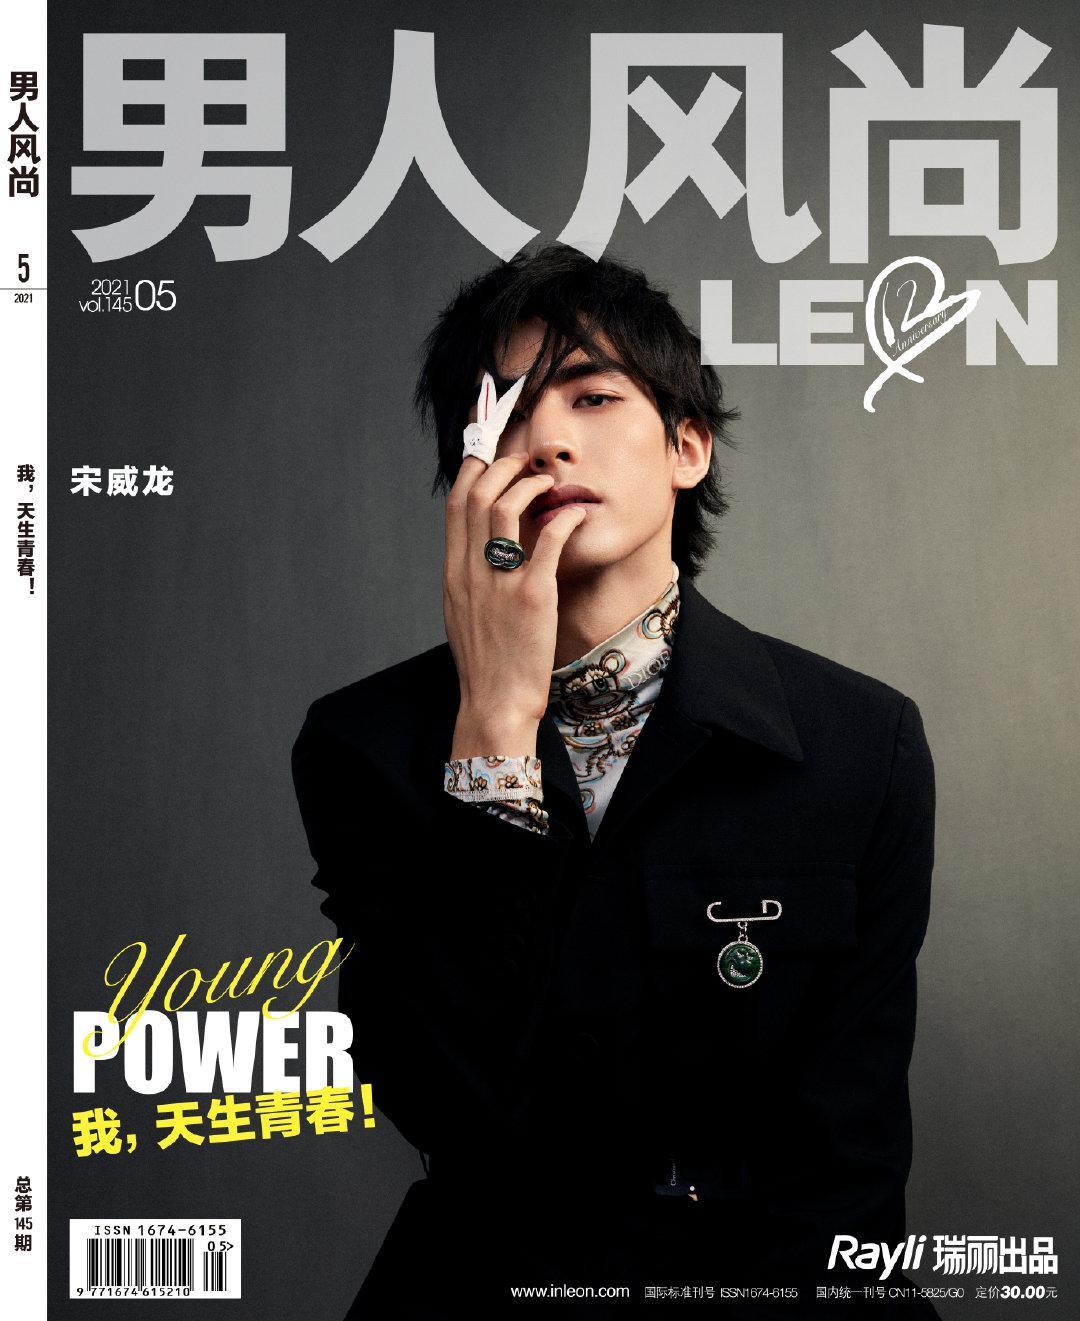 5月刊封面人物 │@宋威龙99